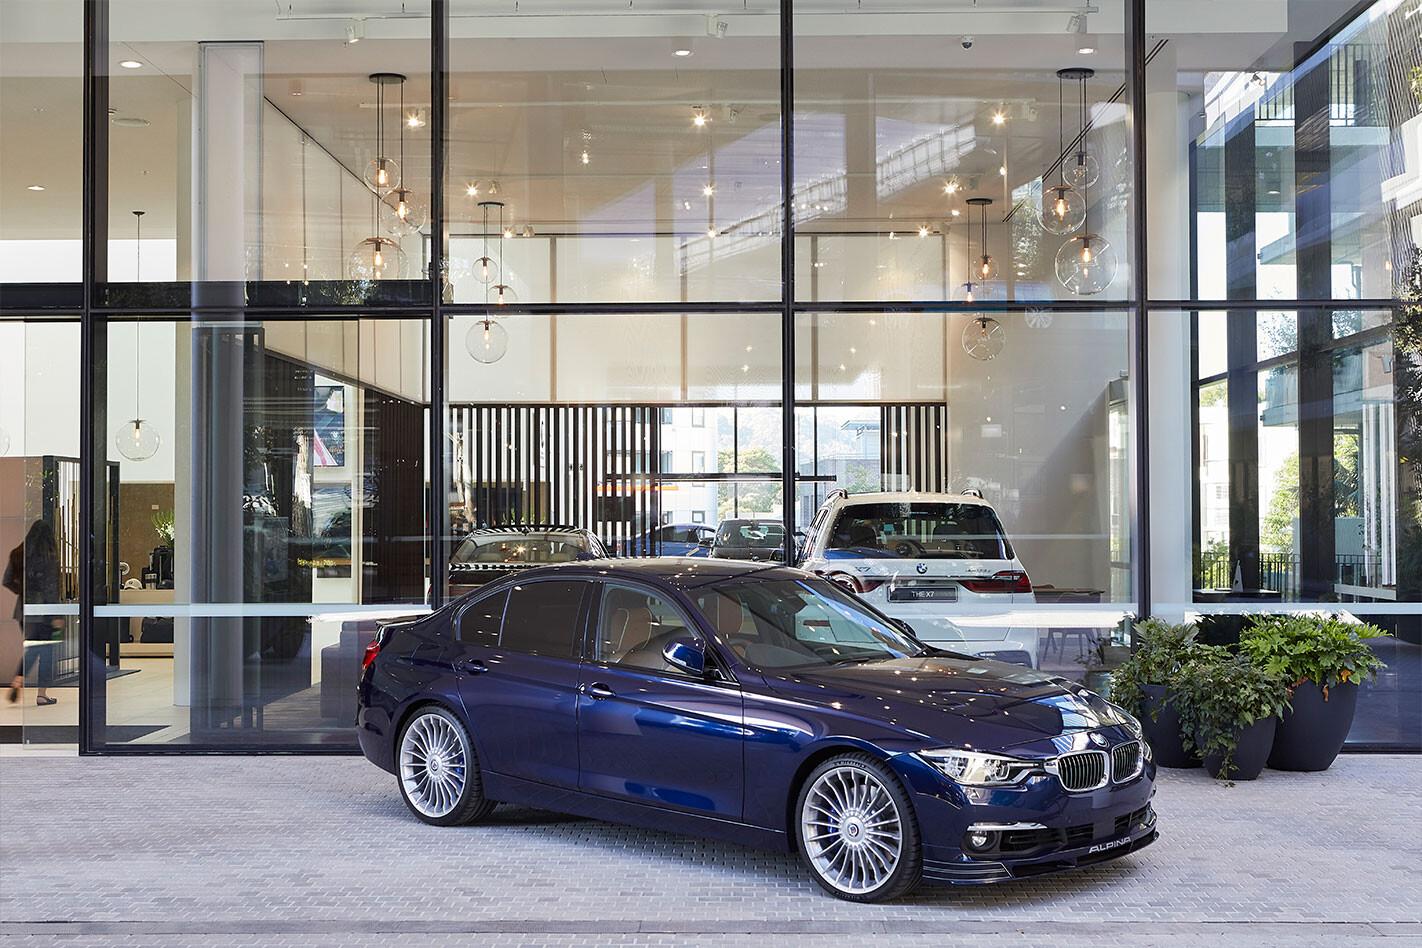 BMW's new designer dealership